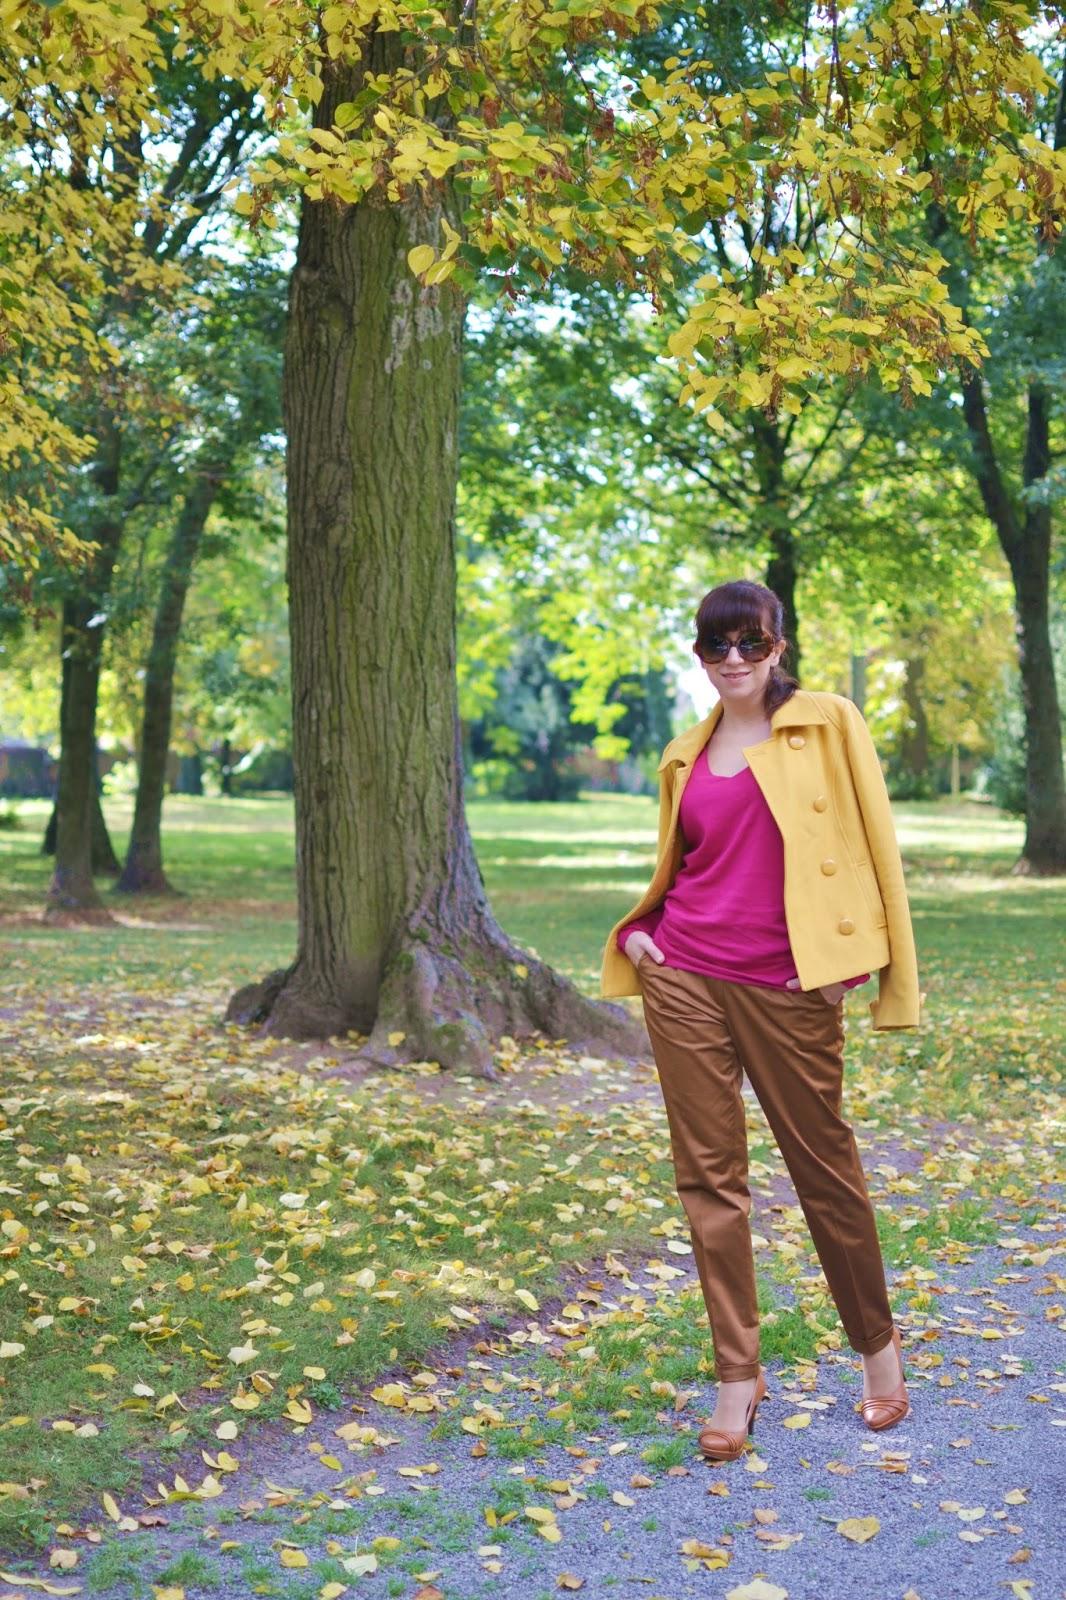 Ďakujem, ale nemám záujem_Katharine-fashion is beautiful_Žltý kabát_Ružový sveter_Katarína Jakubčová_Fashion blogger